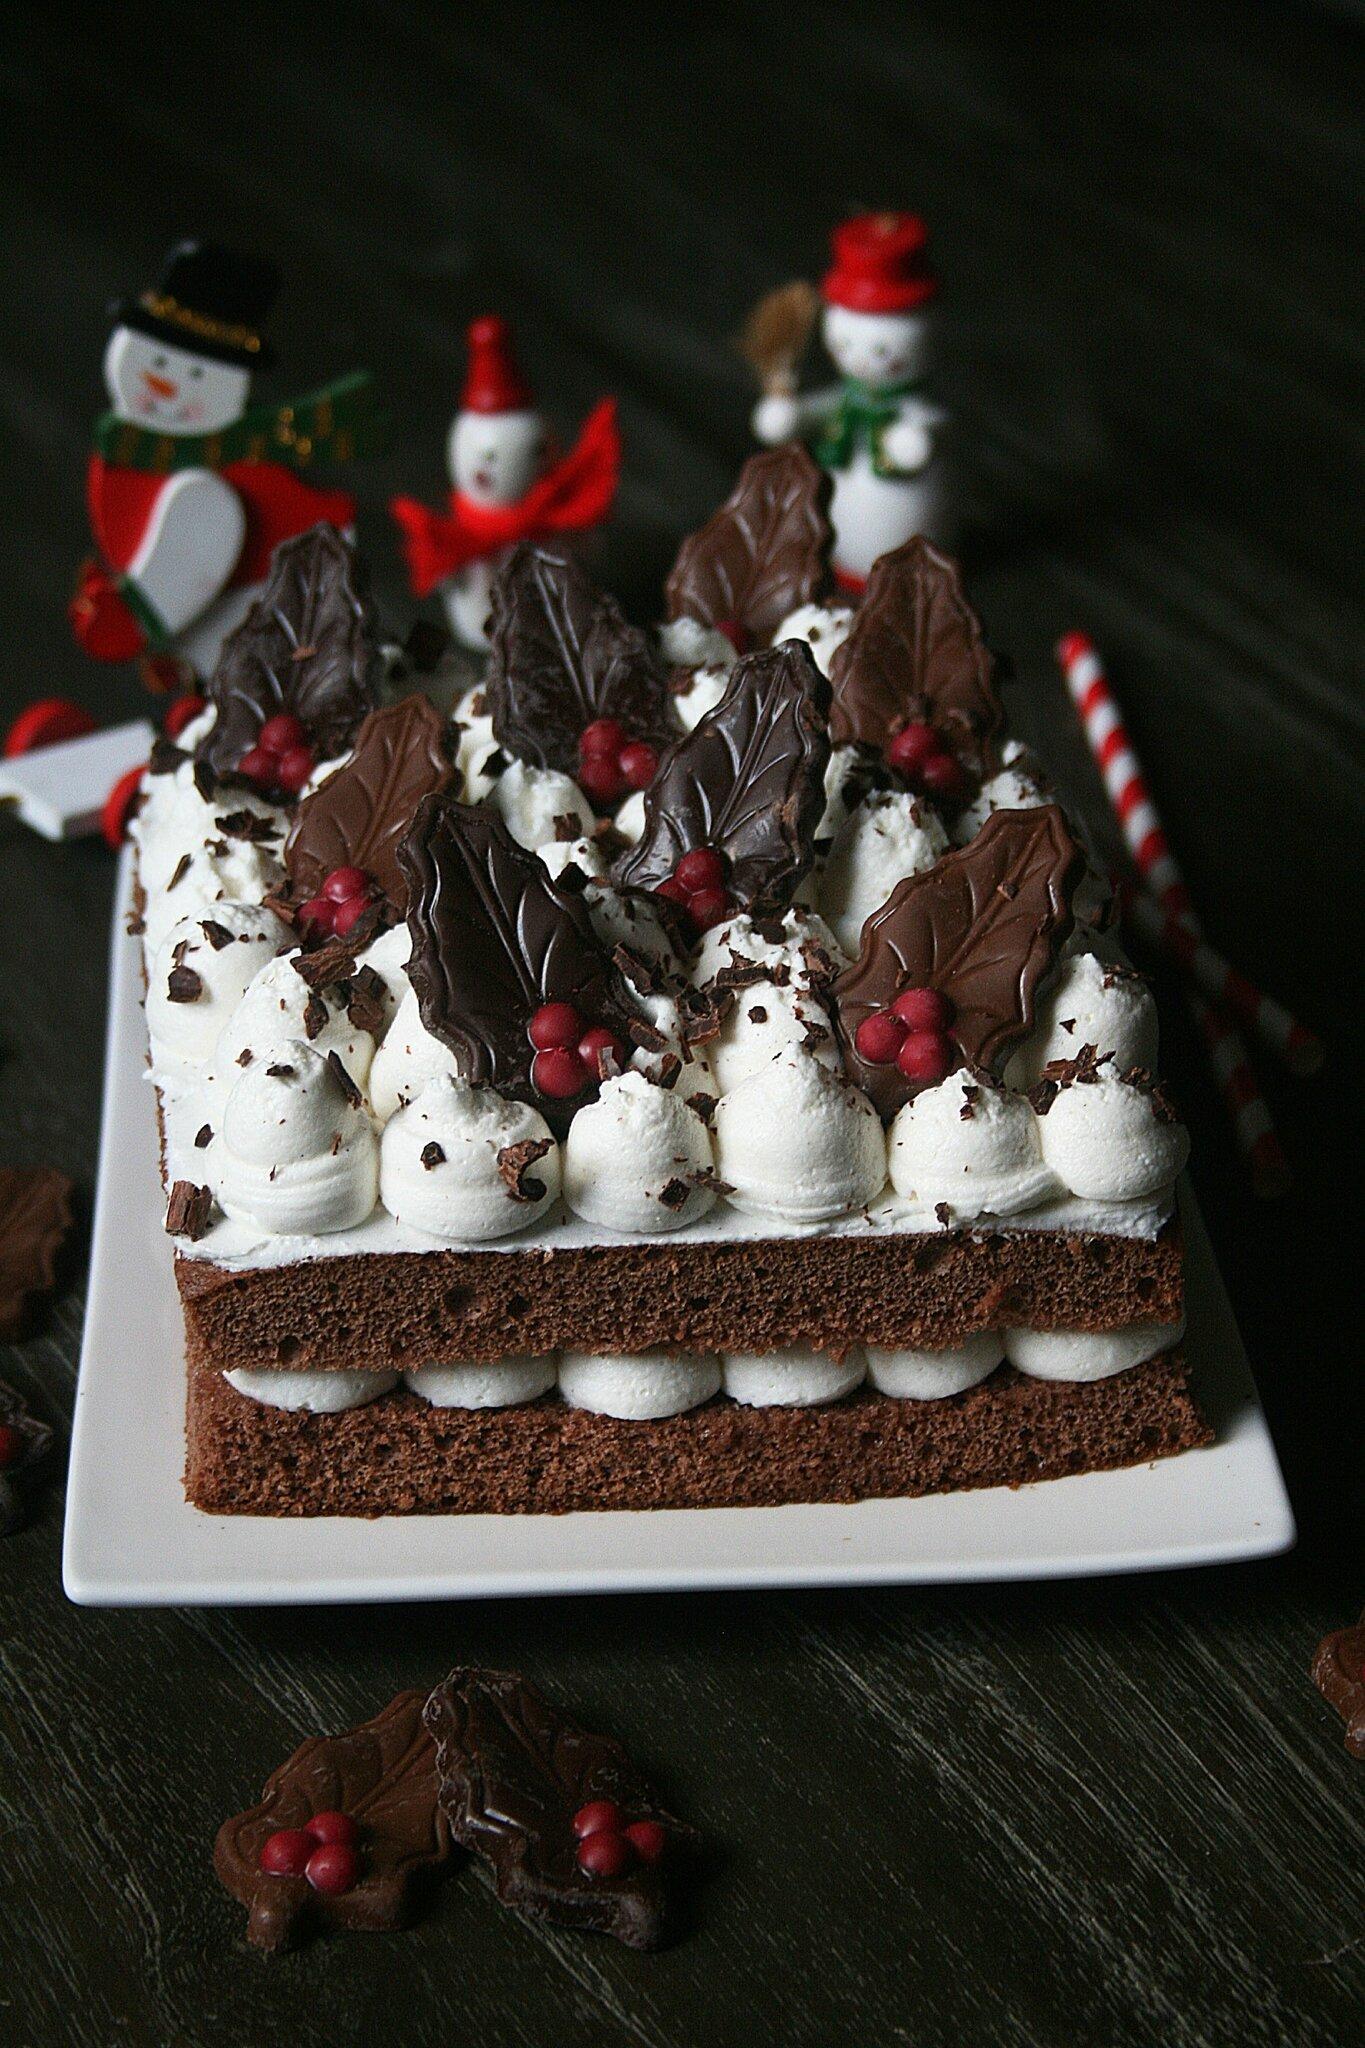 Gâteau au chocolat et fève Tonka, mi-bûche mi-forêt noire pour la battle food #38